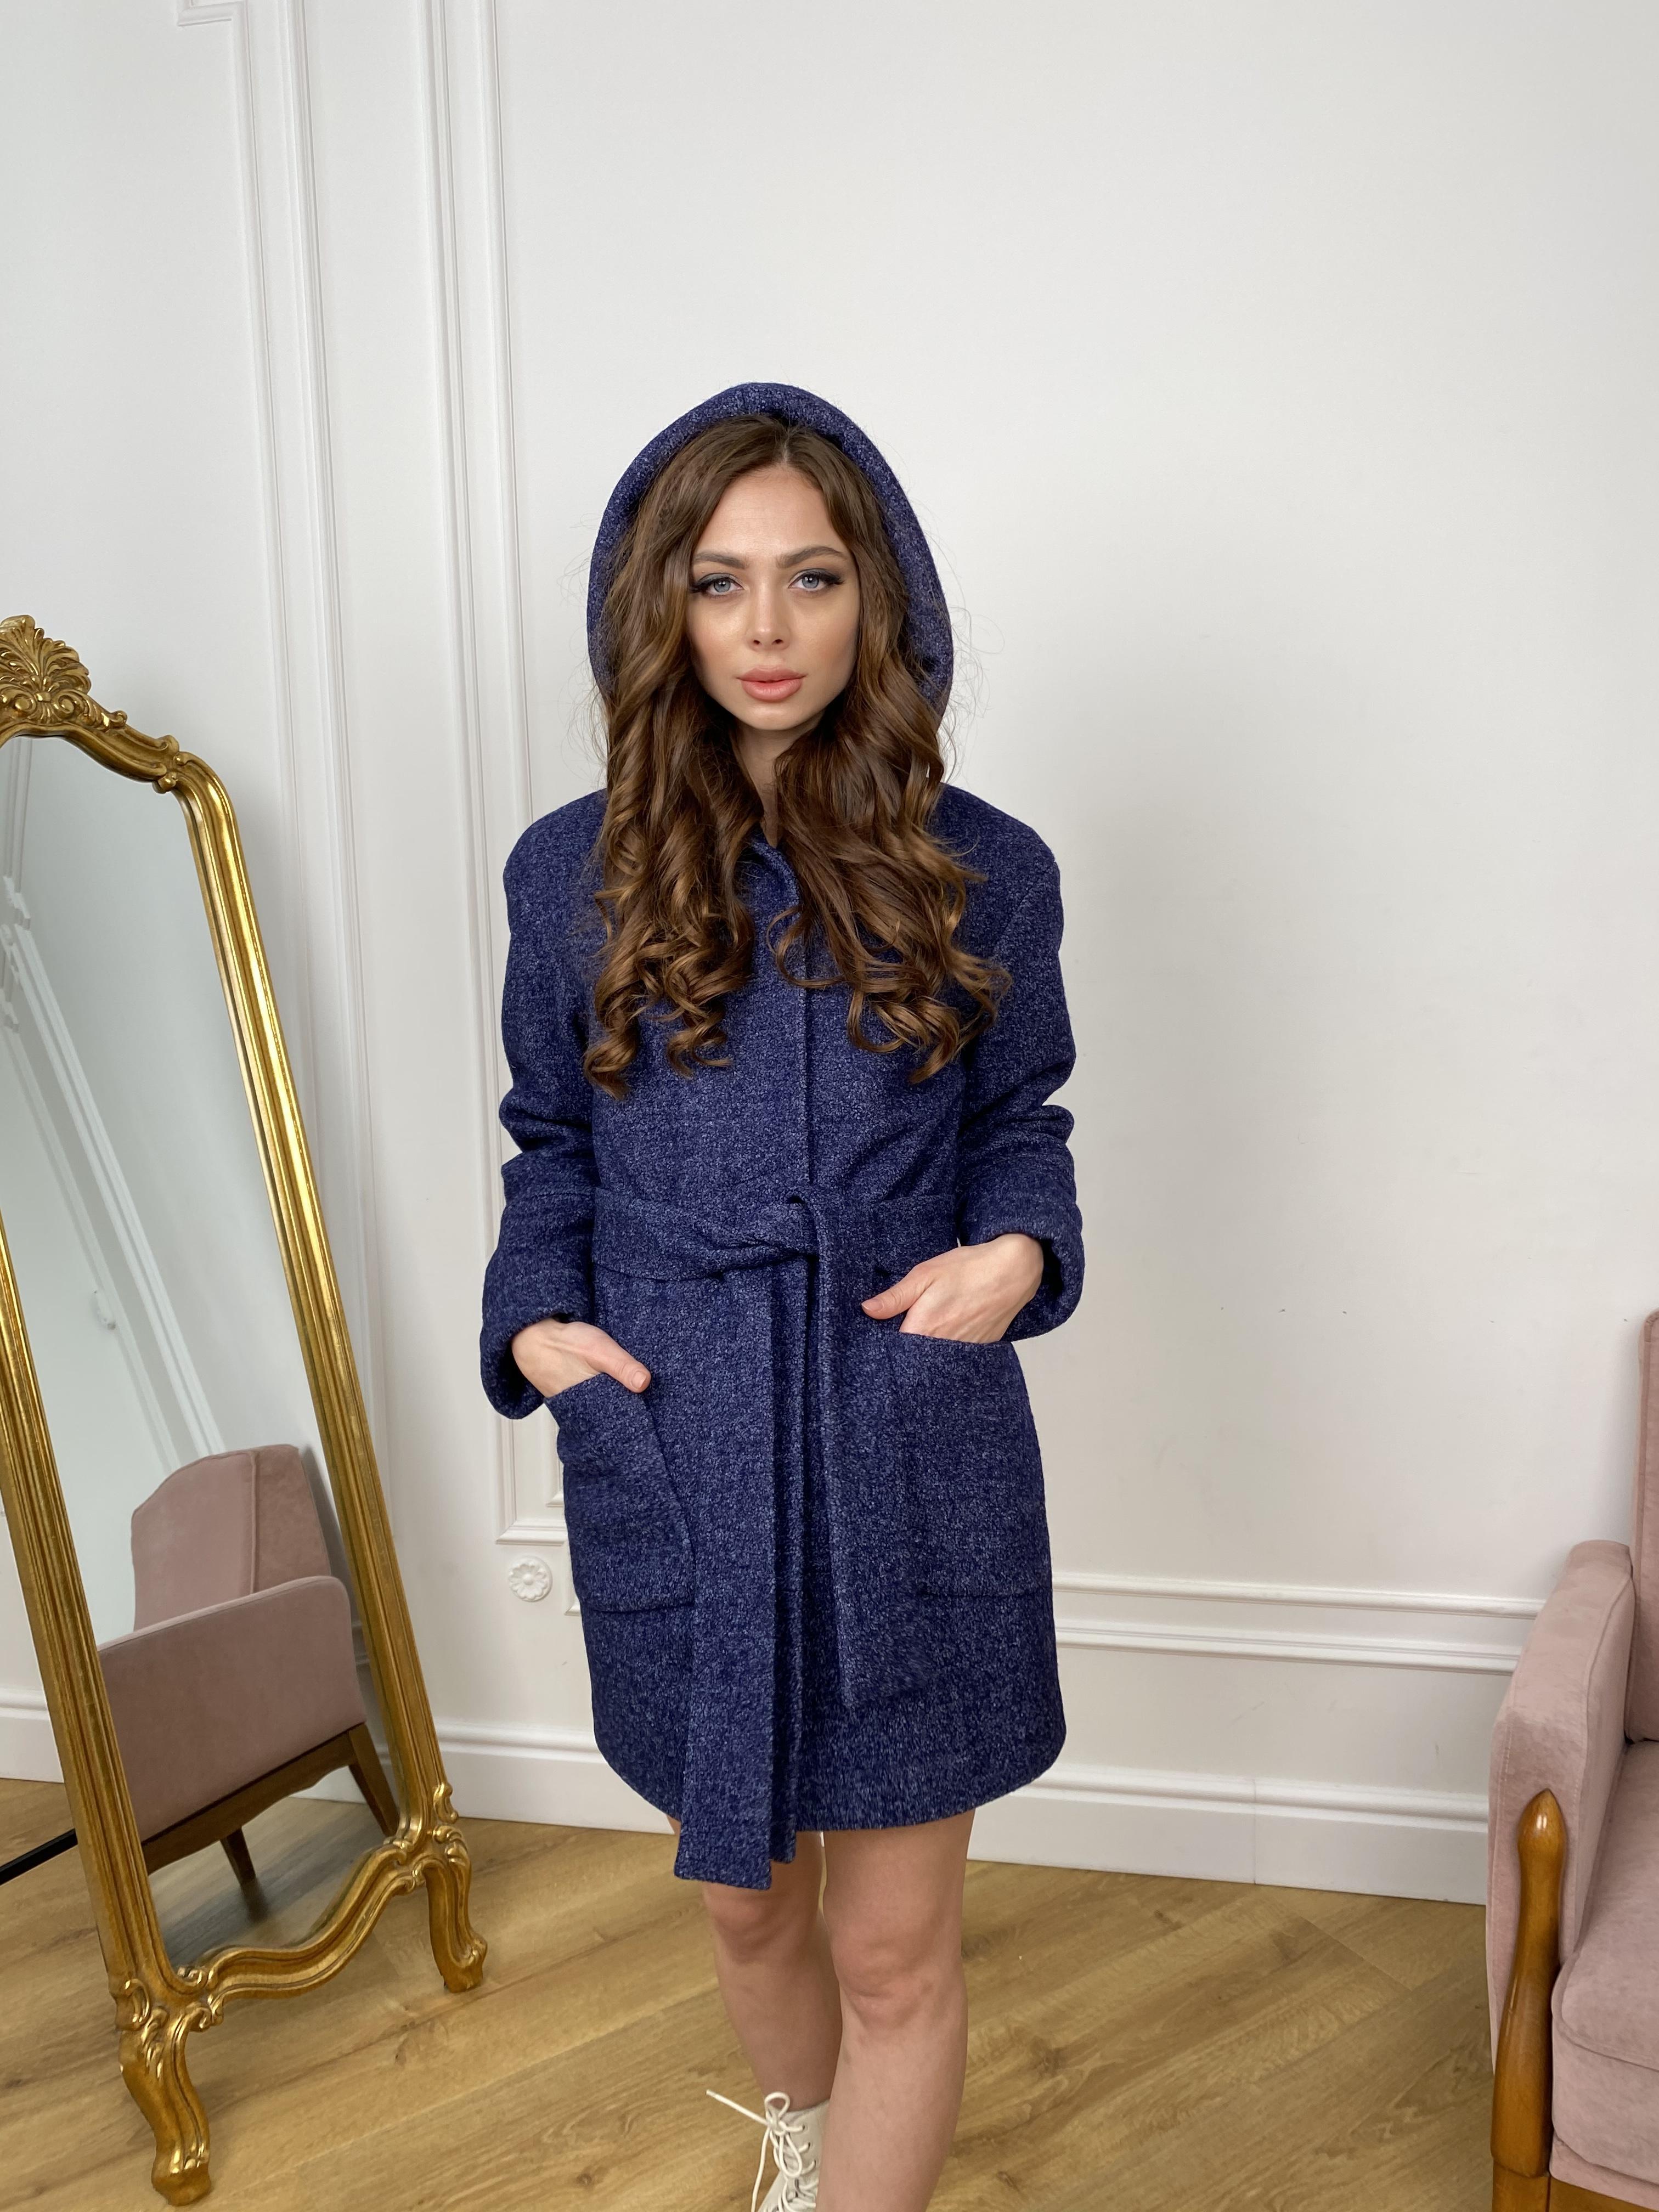 Пальто Анита 9934 АРТ. 46218 Цвет: т. синий 2 - фото 3, интернет магазин tm-modus.ru